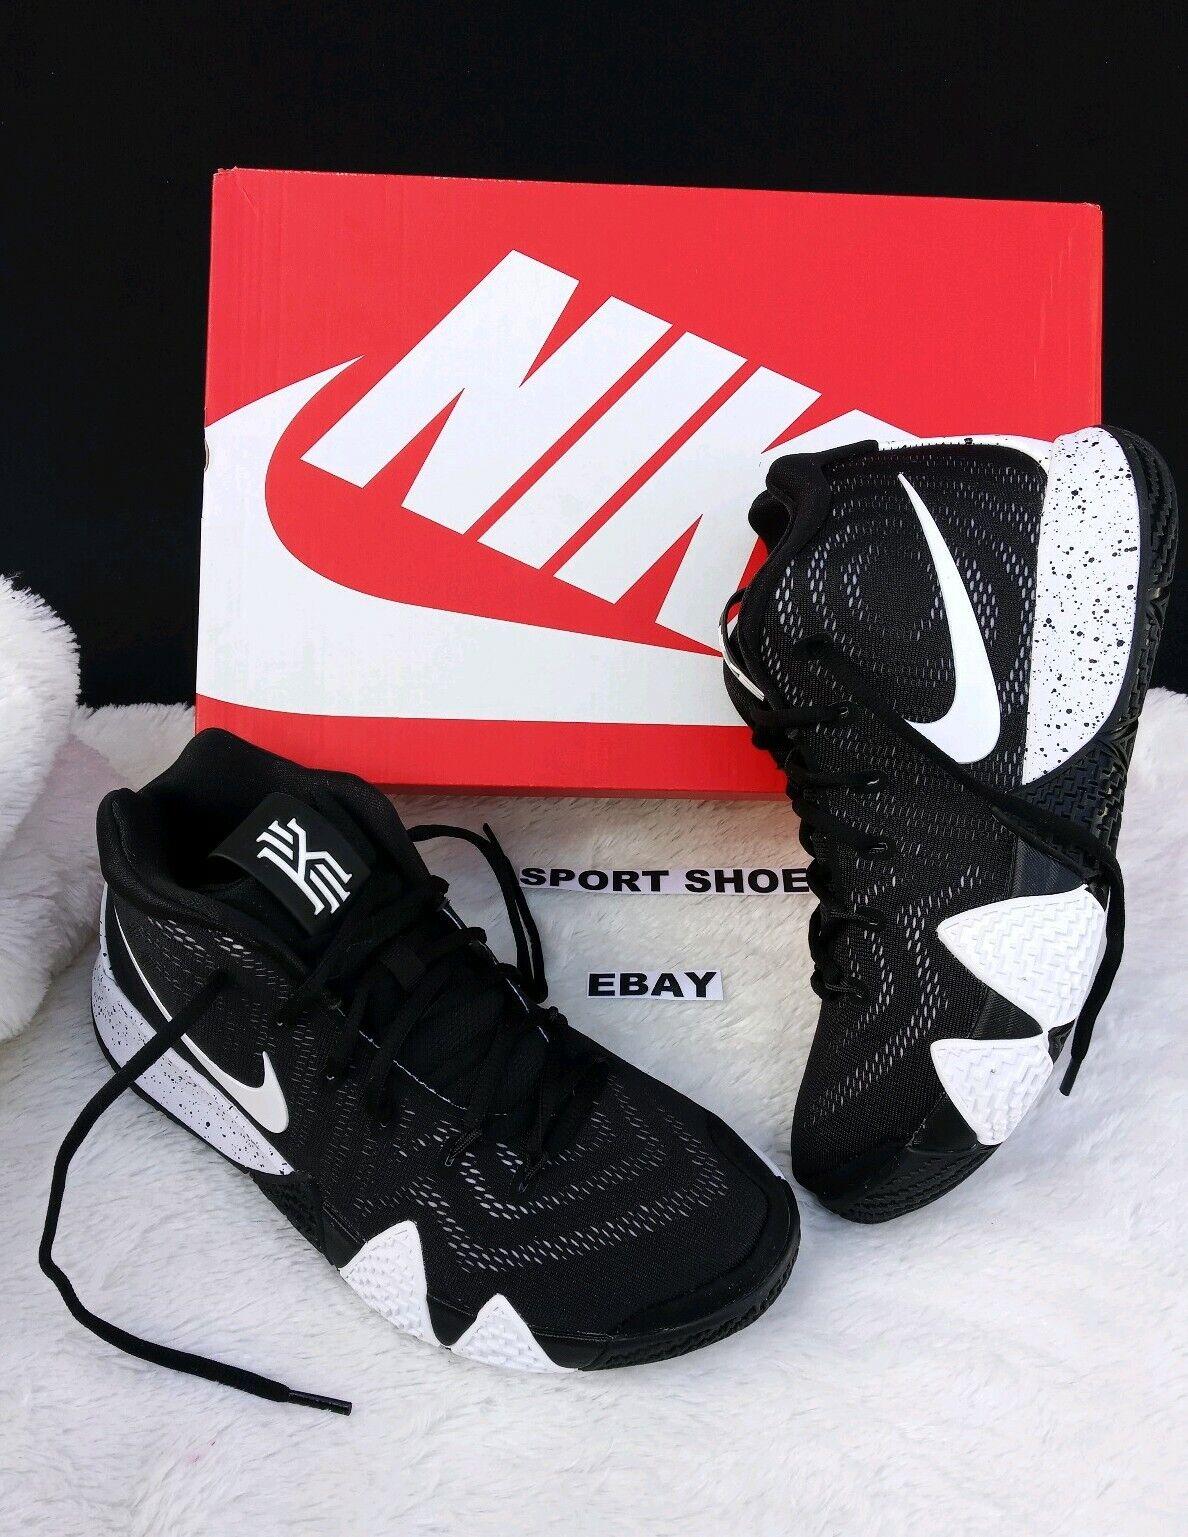 8 MEN'S Nike Kyrie 4 TB Team Basketball Black White Irving Sneakers AV2296 001